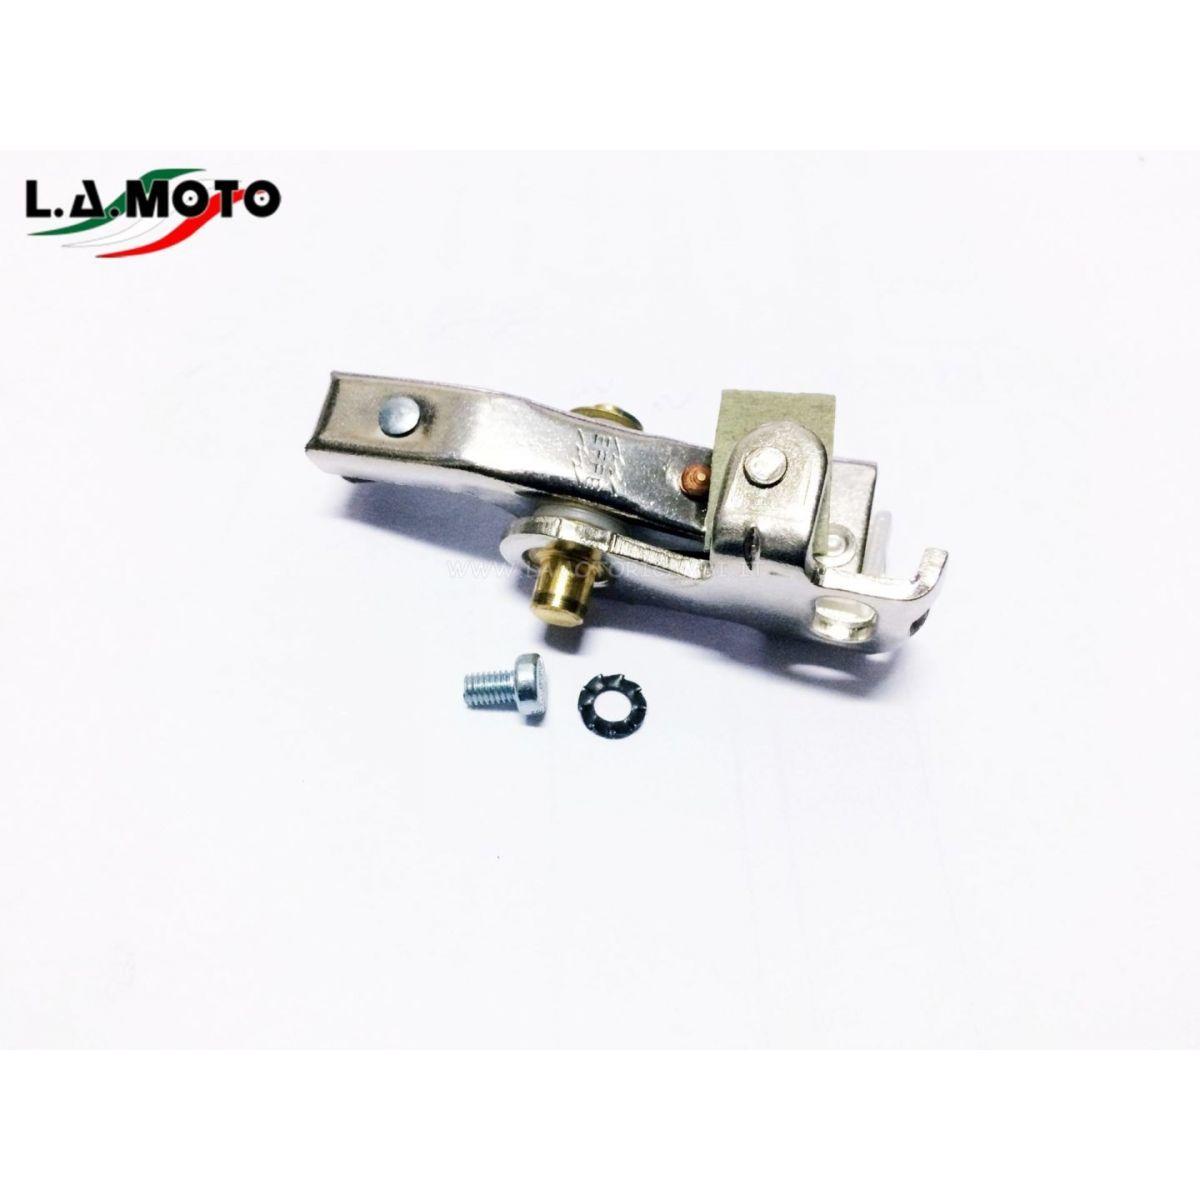 Contatti Ruttore EFFE Made in Italy per VESPA PRIMAVERA 125 TS PX senza frecce – VESPA CAR FRANCE APE P 401 APE 500 APE 400 R r.